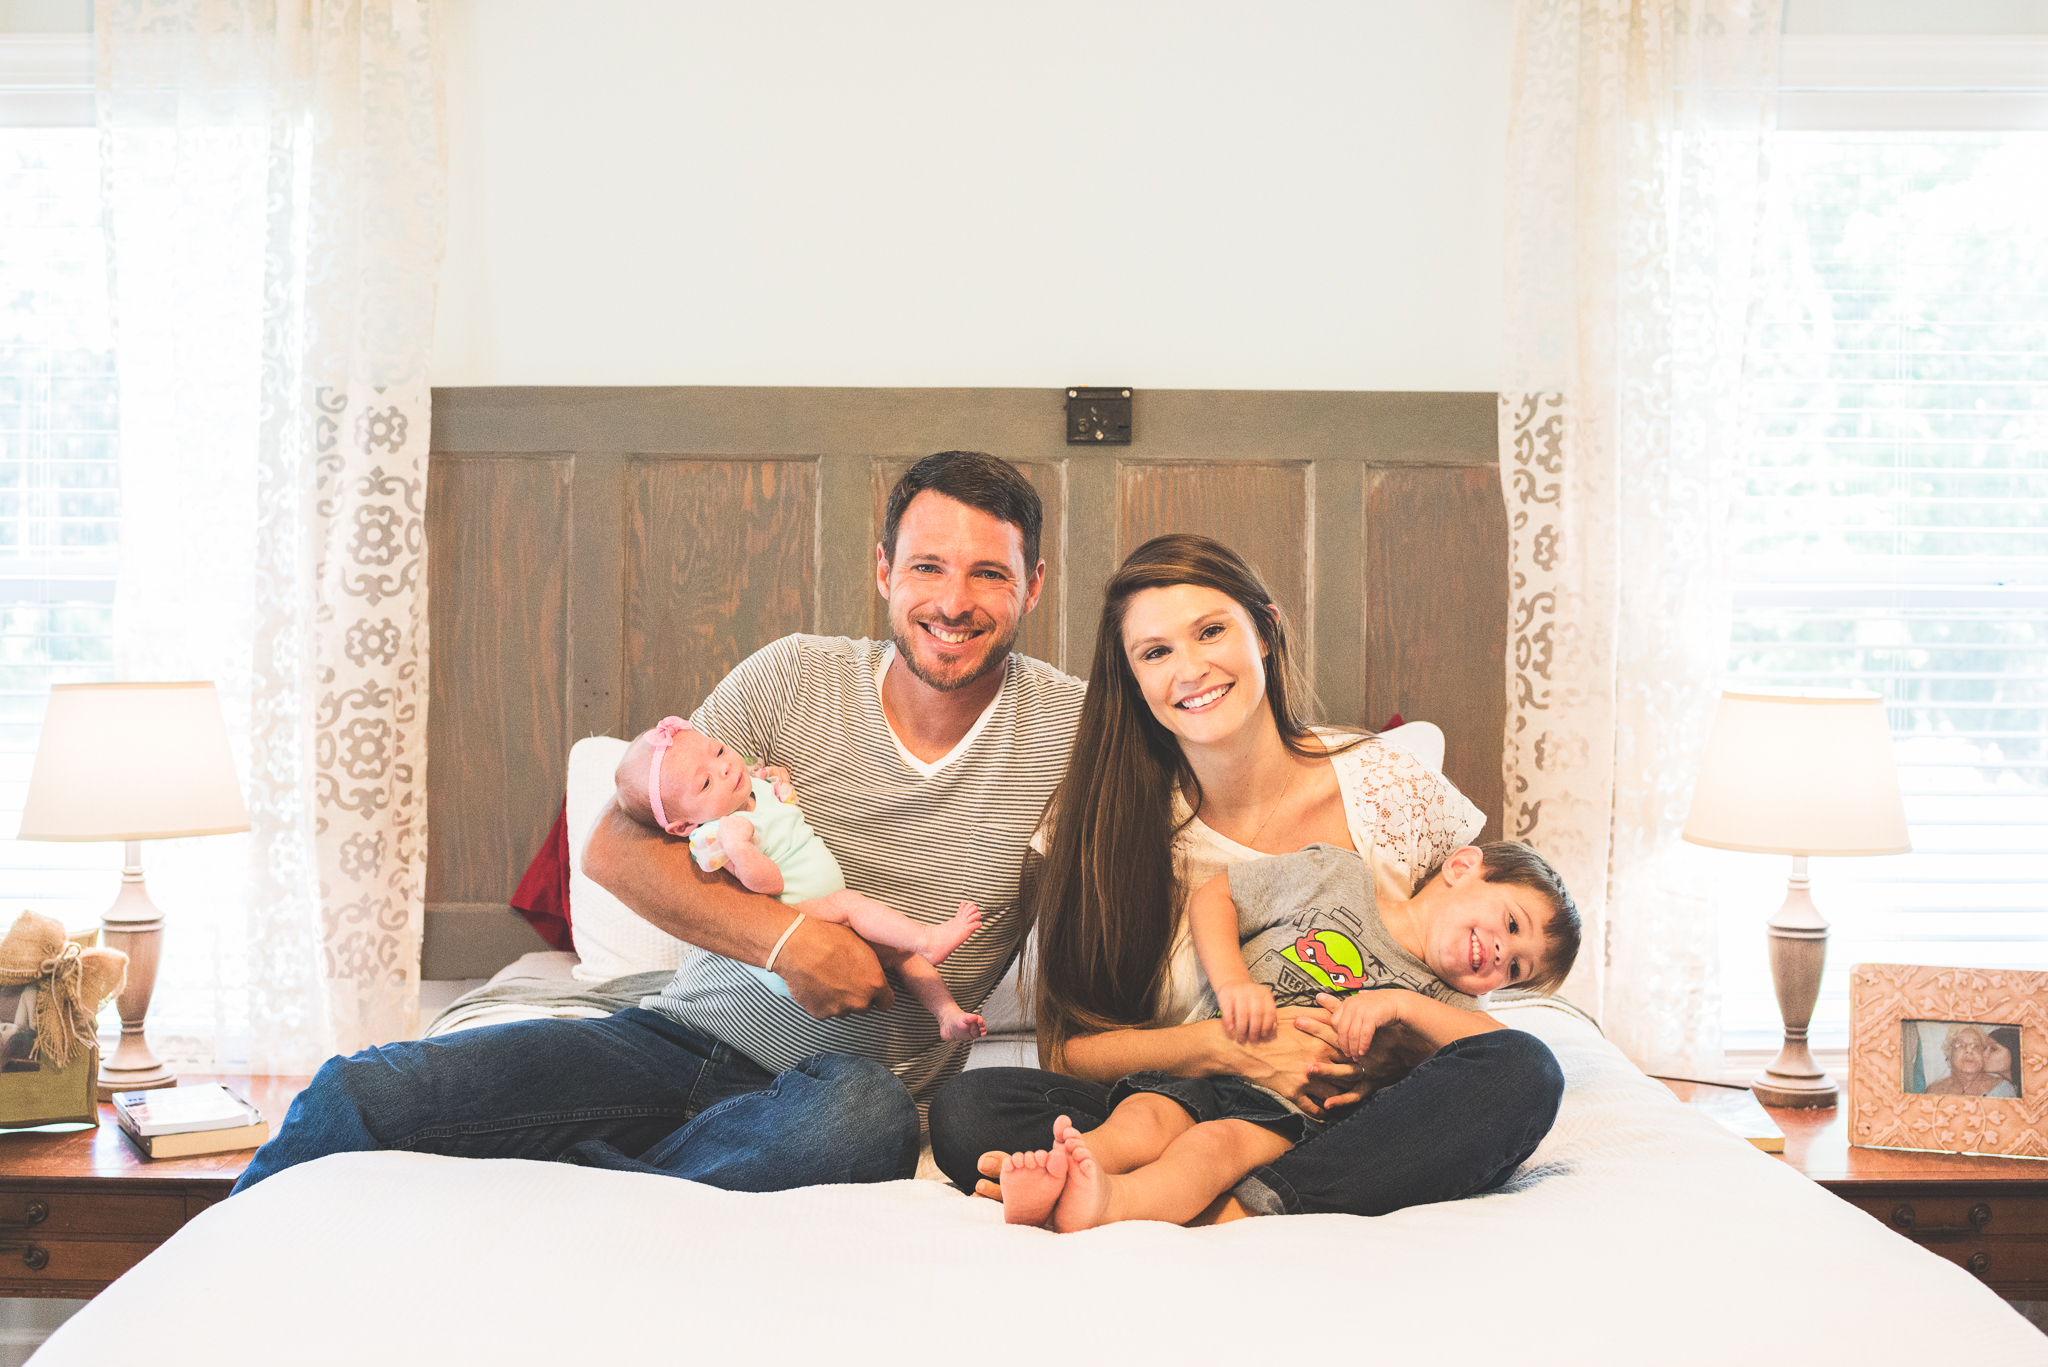 Lifestyle - Jones Family_Blog-2.jpg